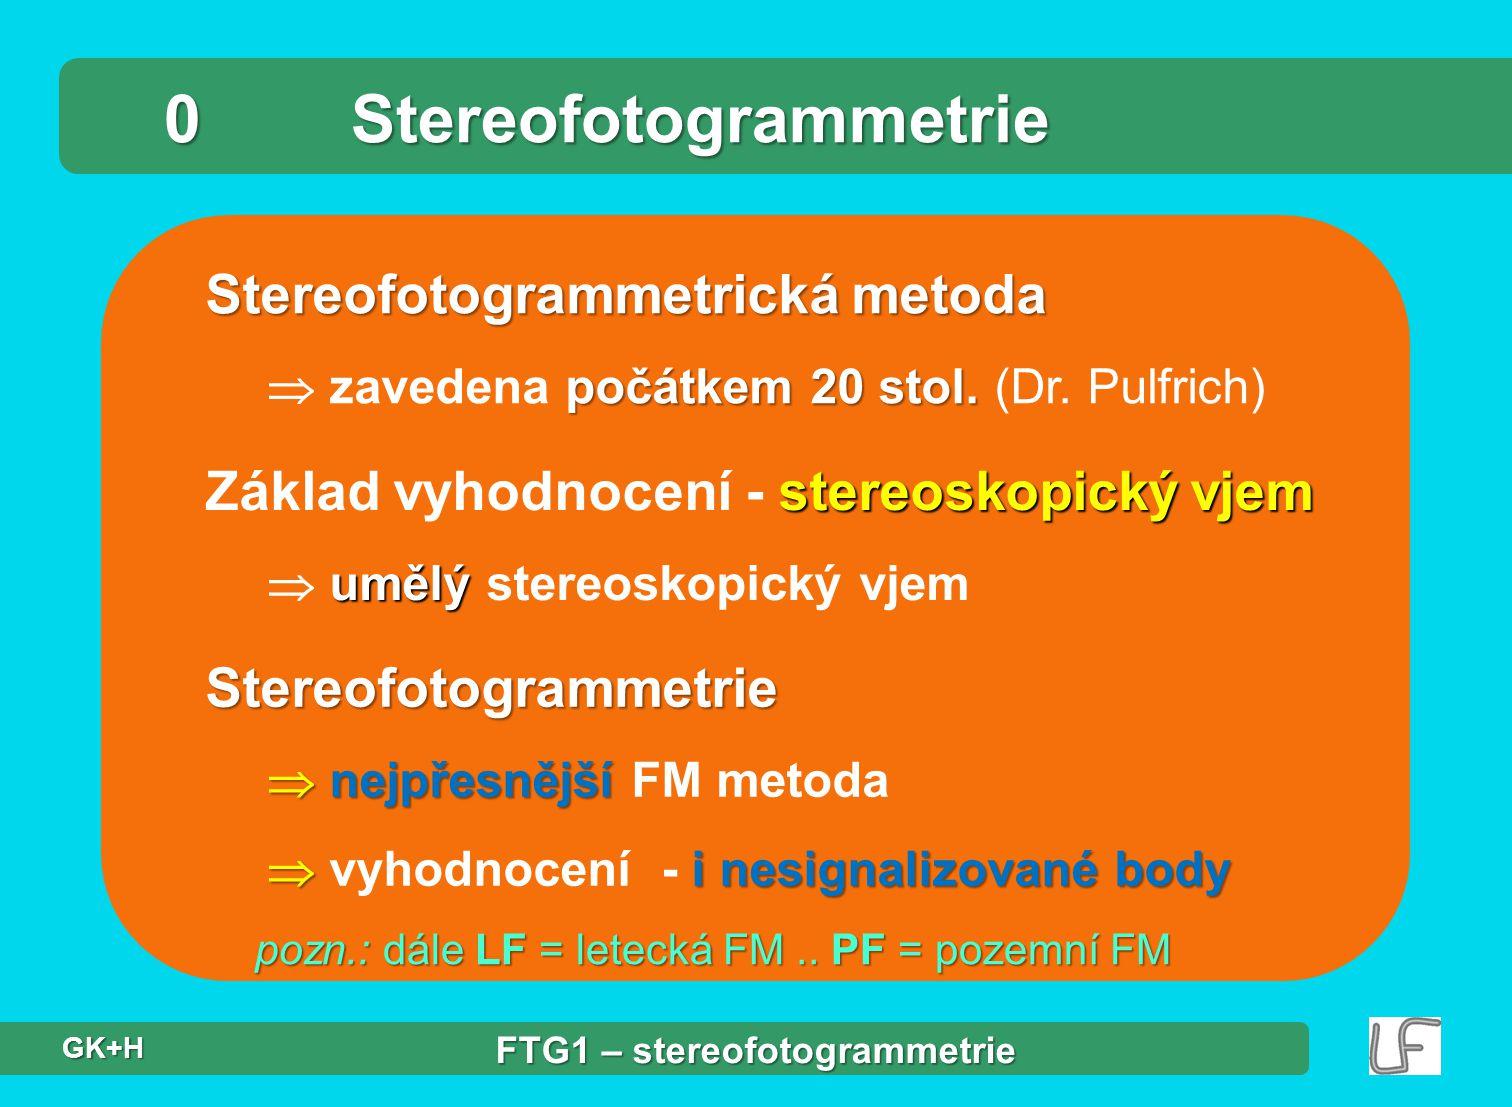 Stereofotogrammetrická metoda počátkem 20 stol. zavedena počátkem 20 stol.